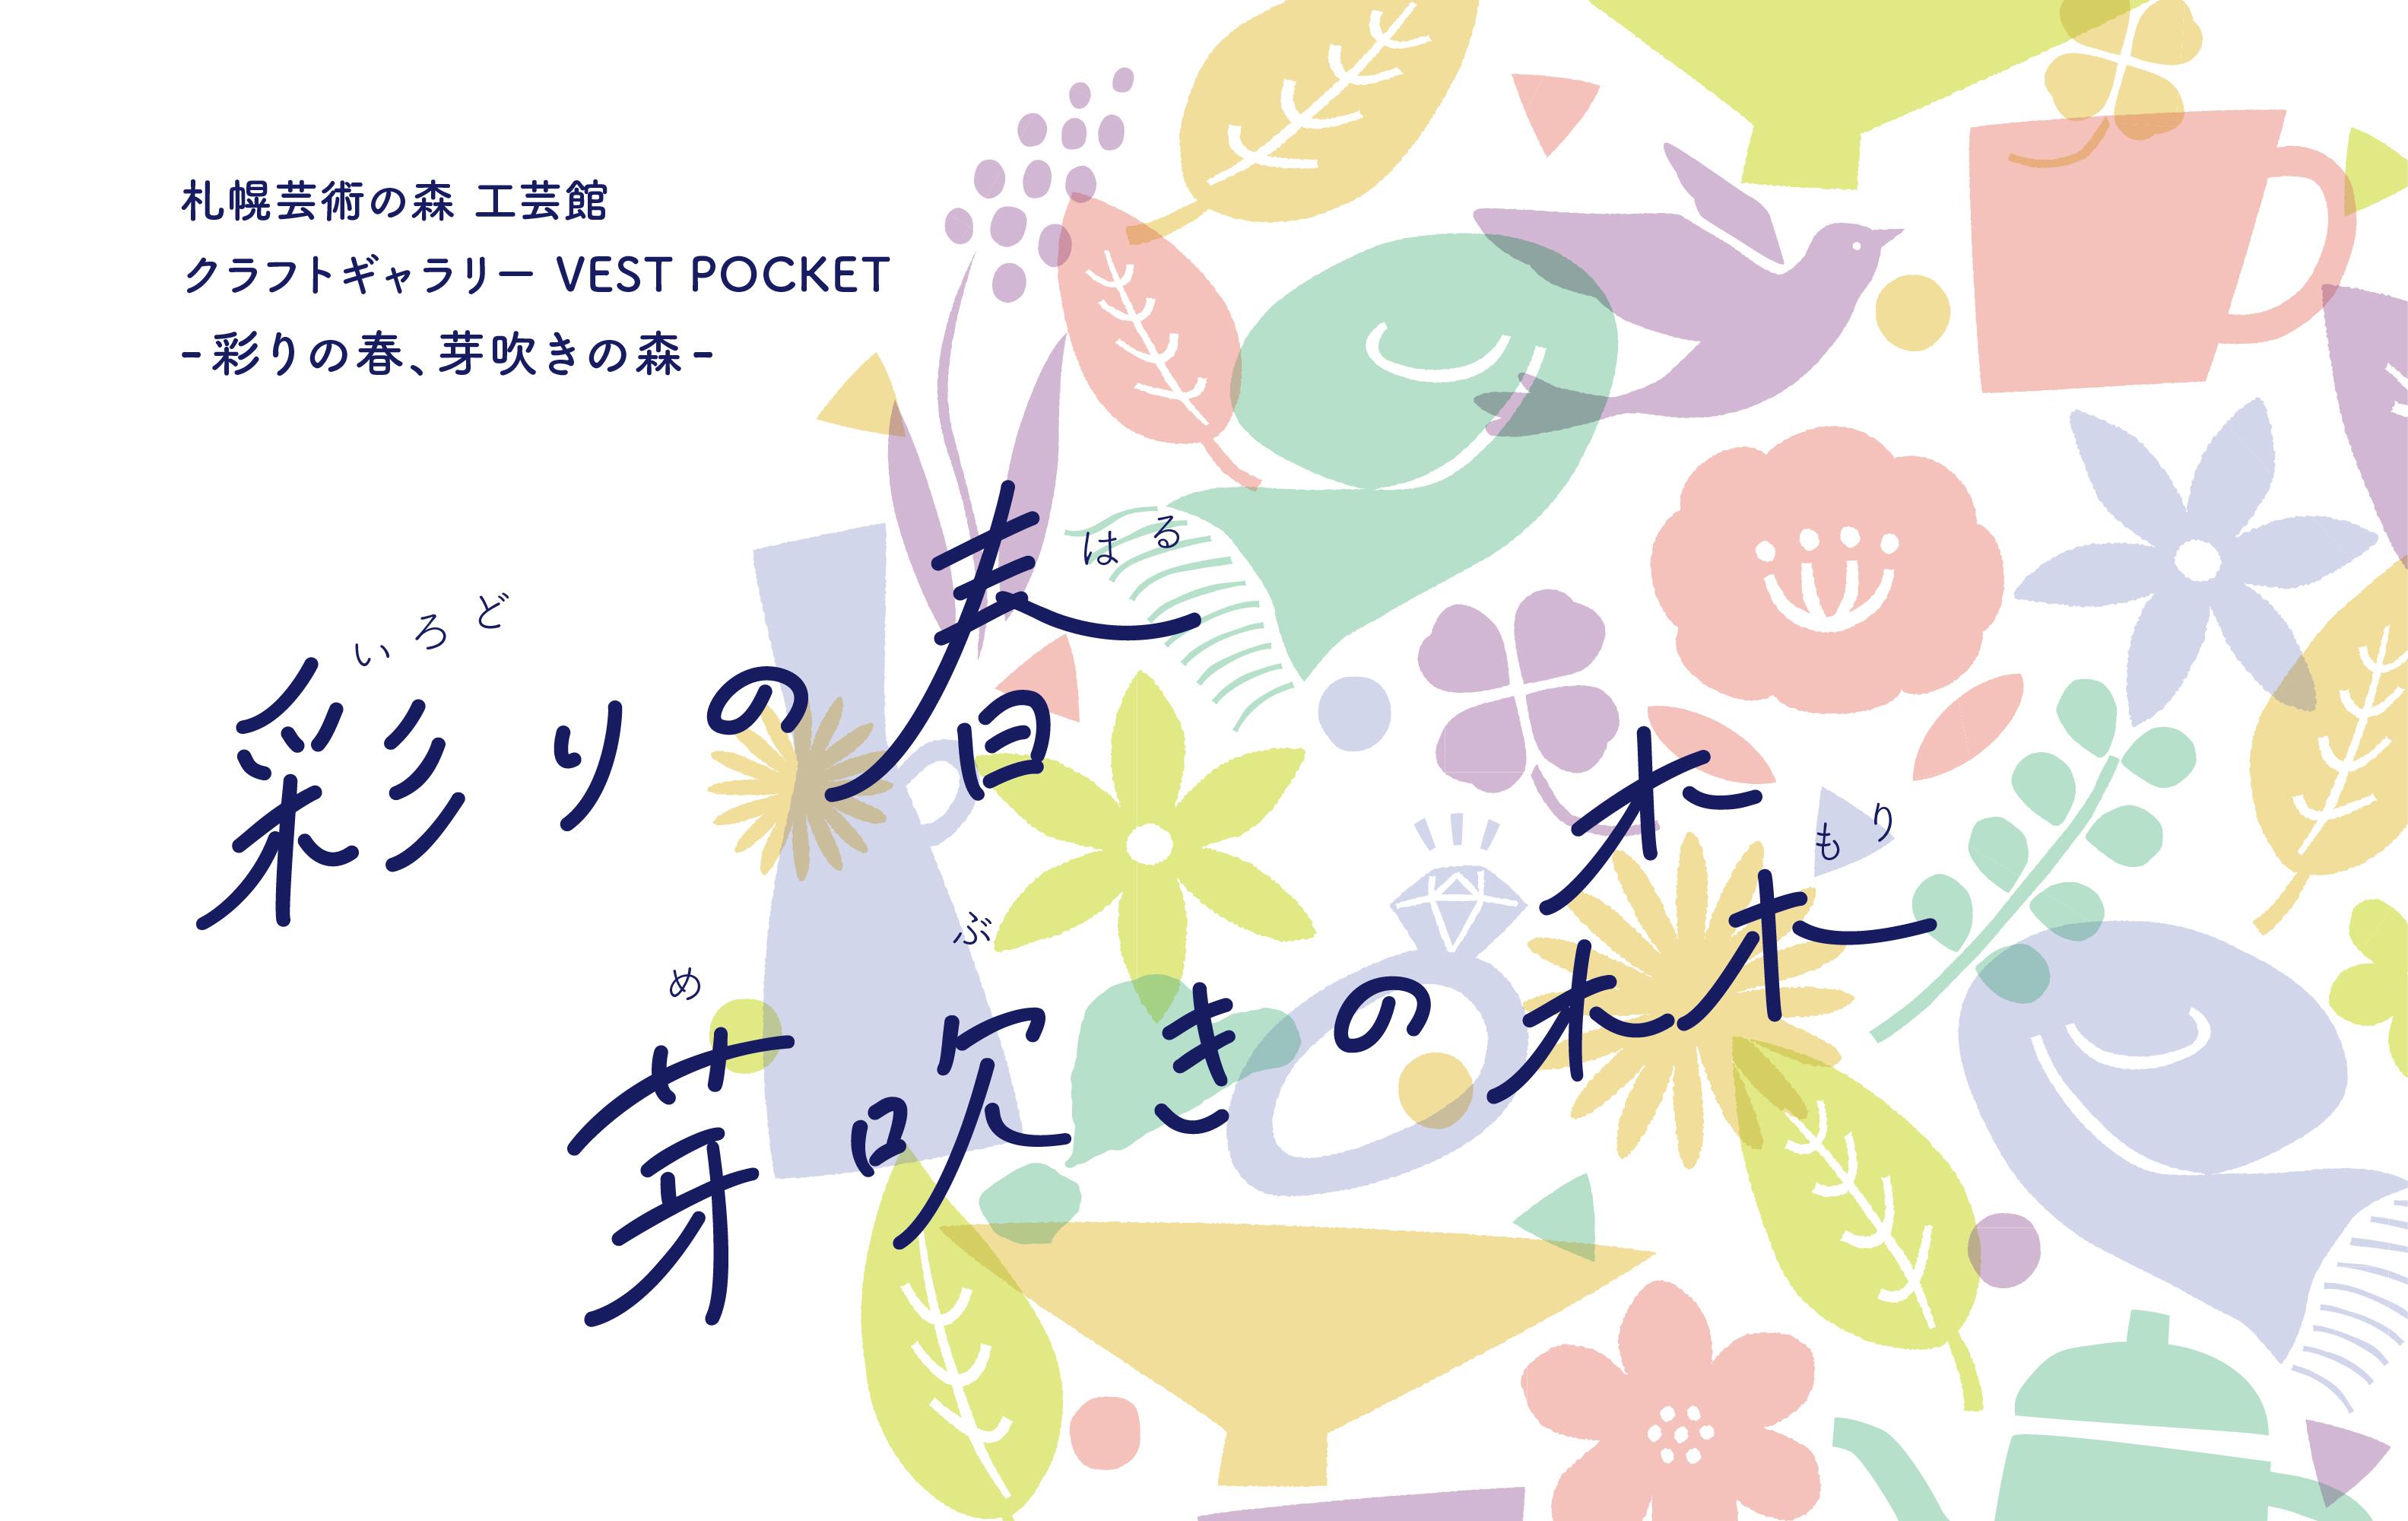 クラフトギャラリー VEST POCKET -彩りの春、芽吹きの森-